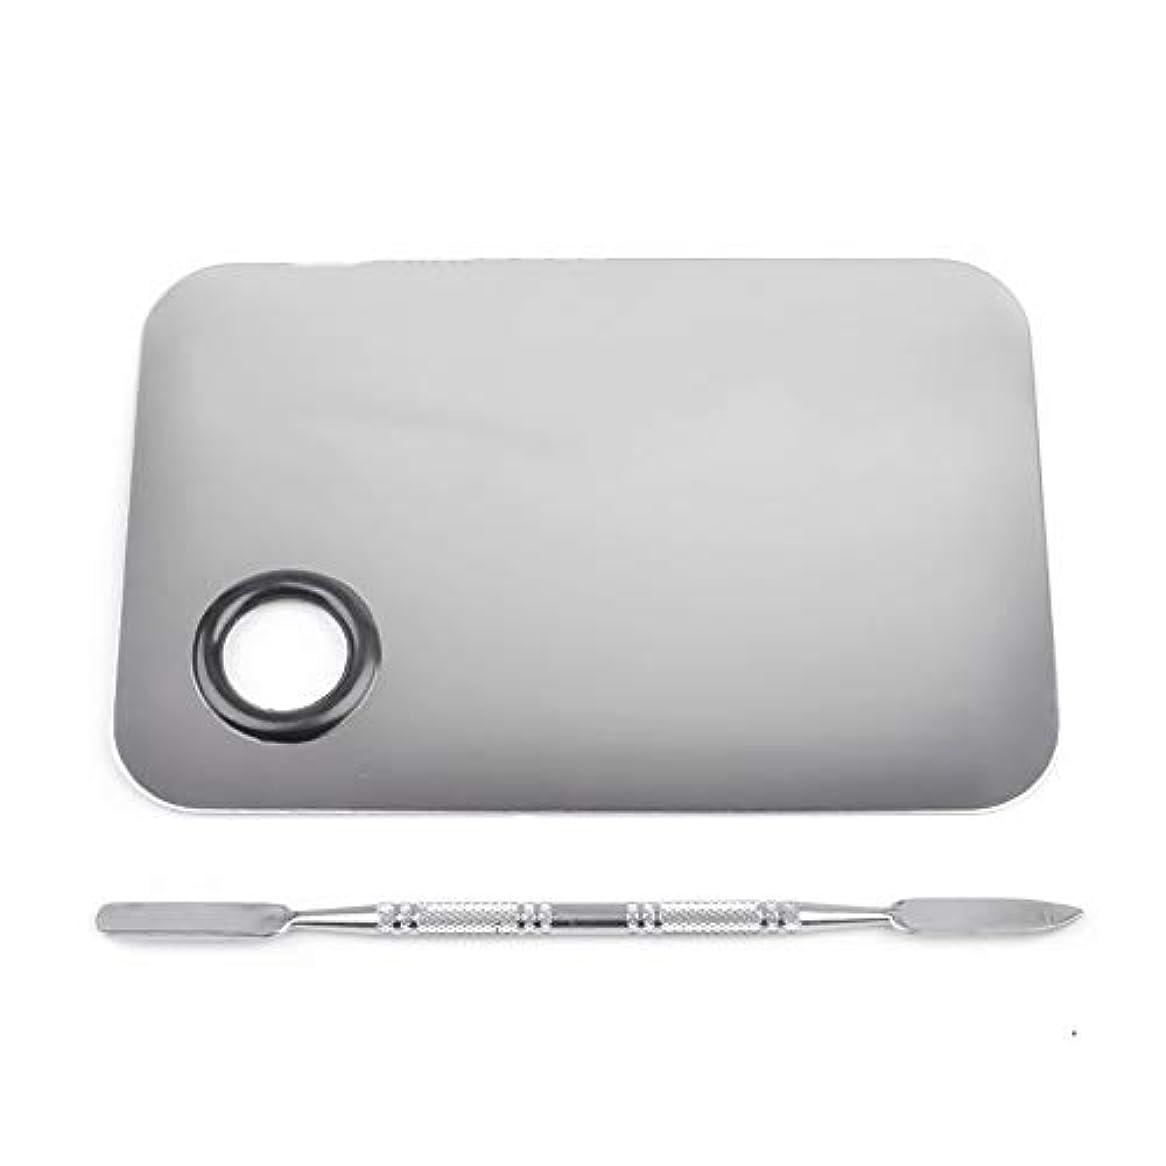 謝罪するクスコ存在1st market プレミアムステンレス鋼化粧品ネイルアートカラーメイクアップパレットへらツール